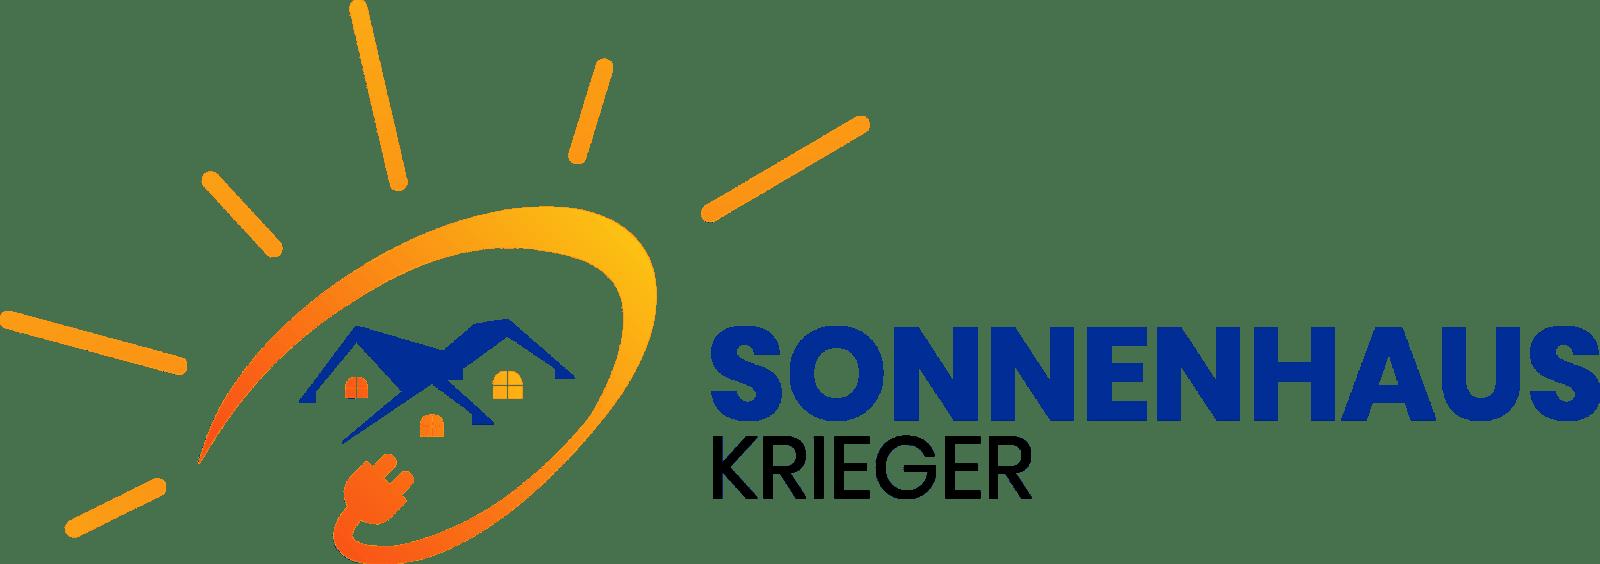 Sonnenhaus Krieger GmbH